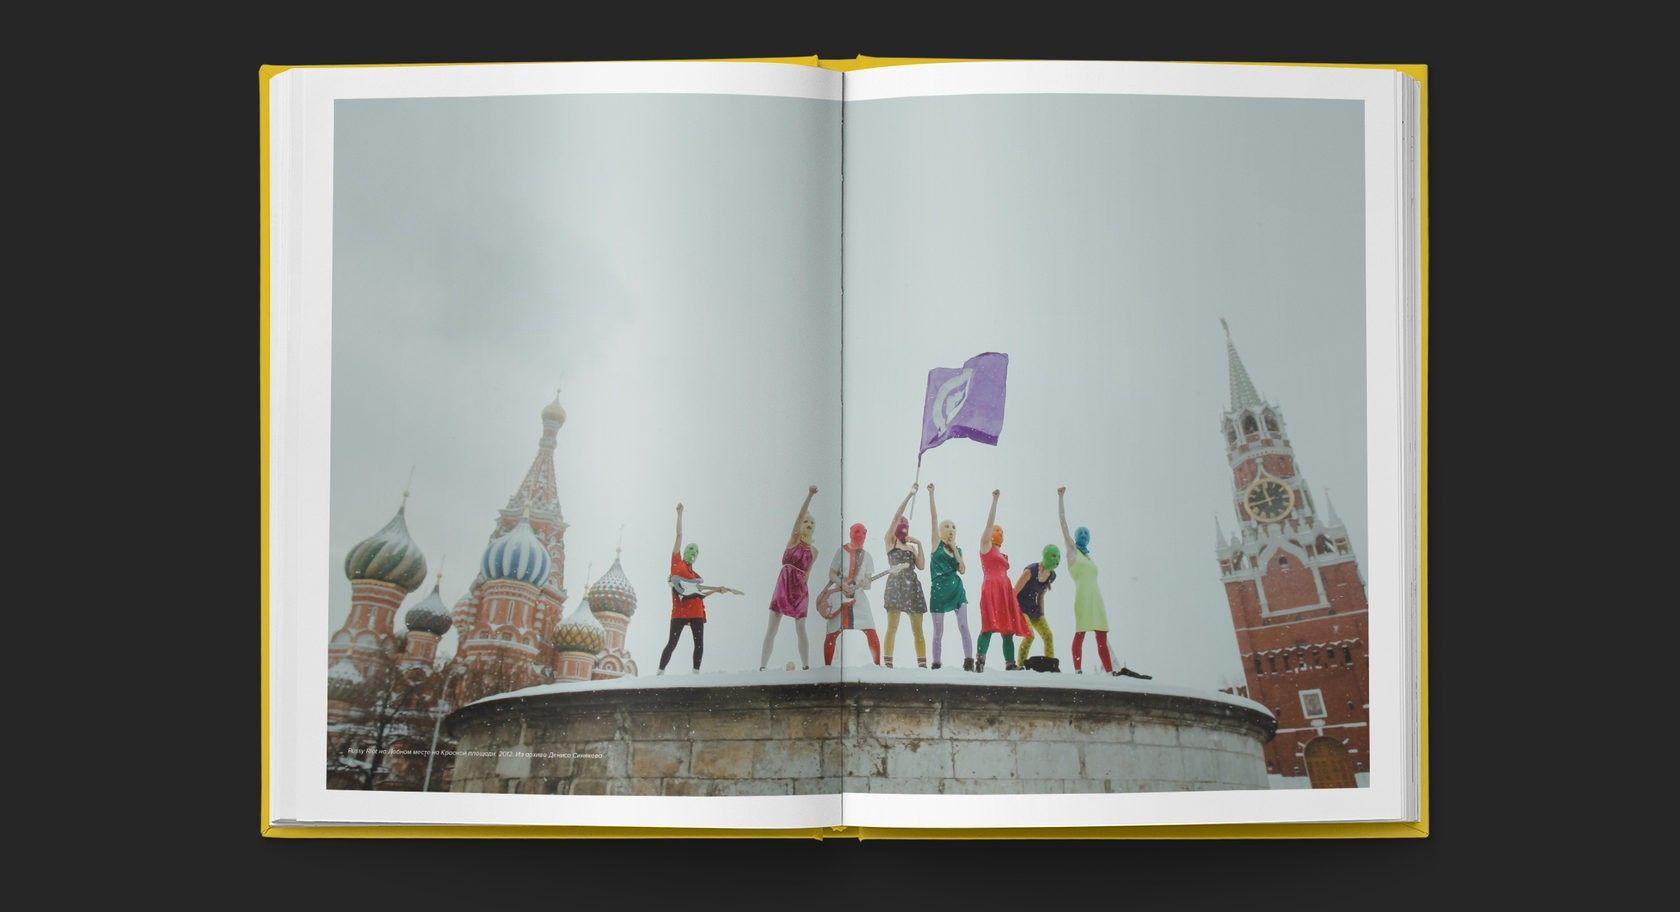 Разворот книги «Субкультура» Артемия Троицкого. Фото предоставлено издательством «Белое яблоко»